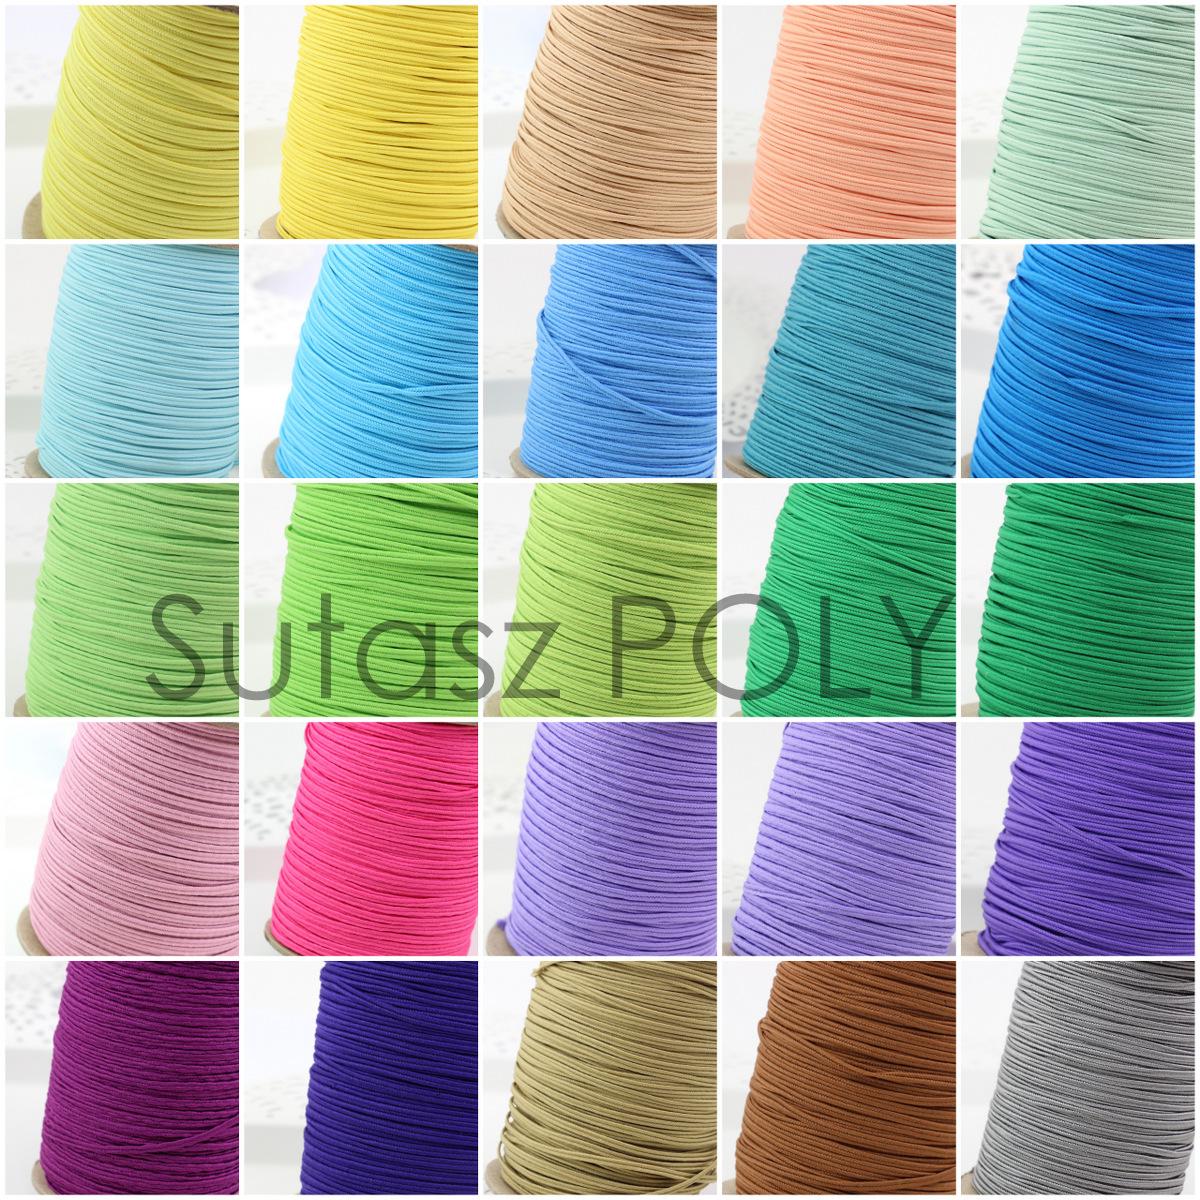 Gama kolorów sutasz POLY